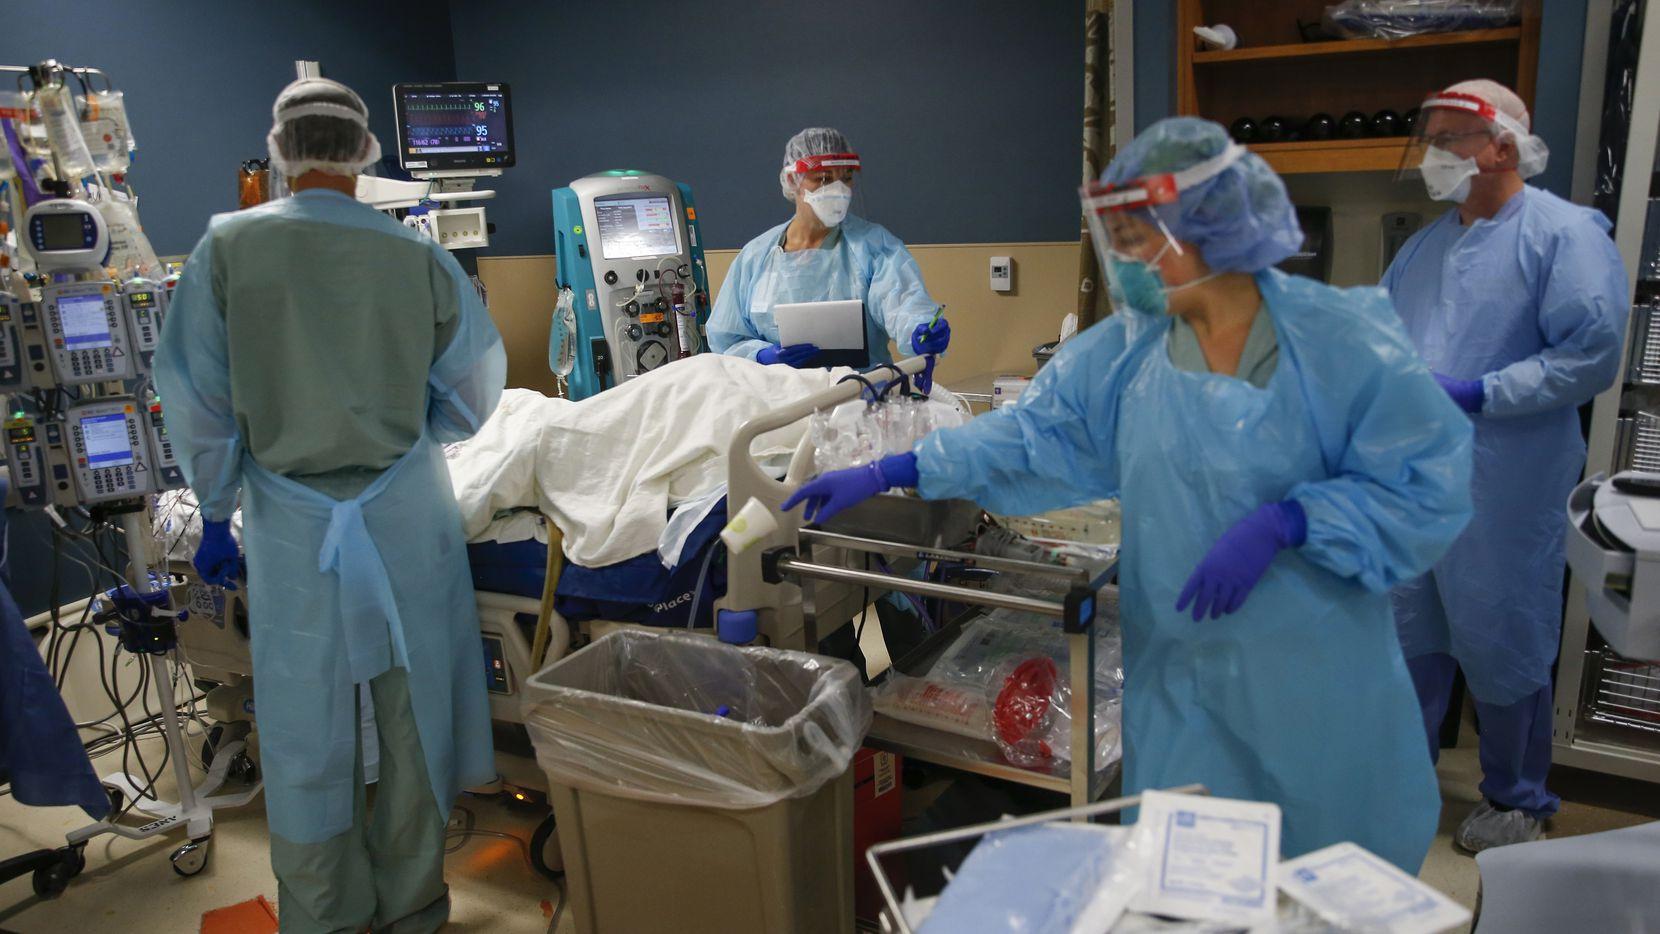 Los médicos y personal de la salud de Parkland que atienden enfermos de covid-19 pronto recibirán refuerzos federales.